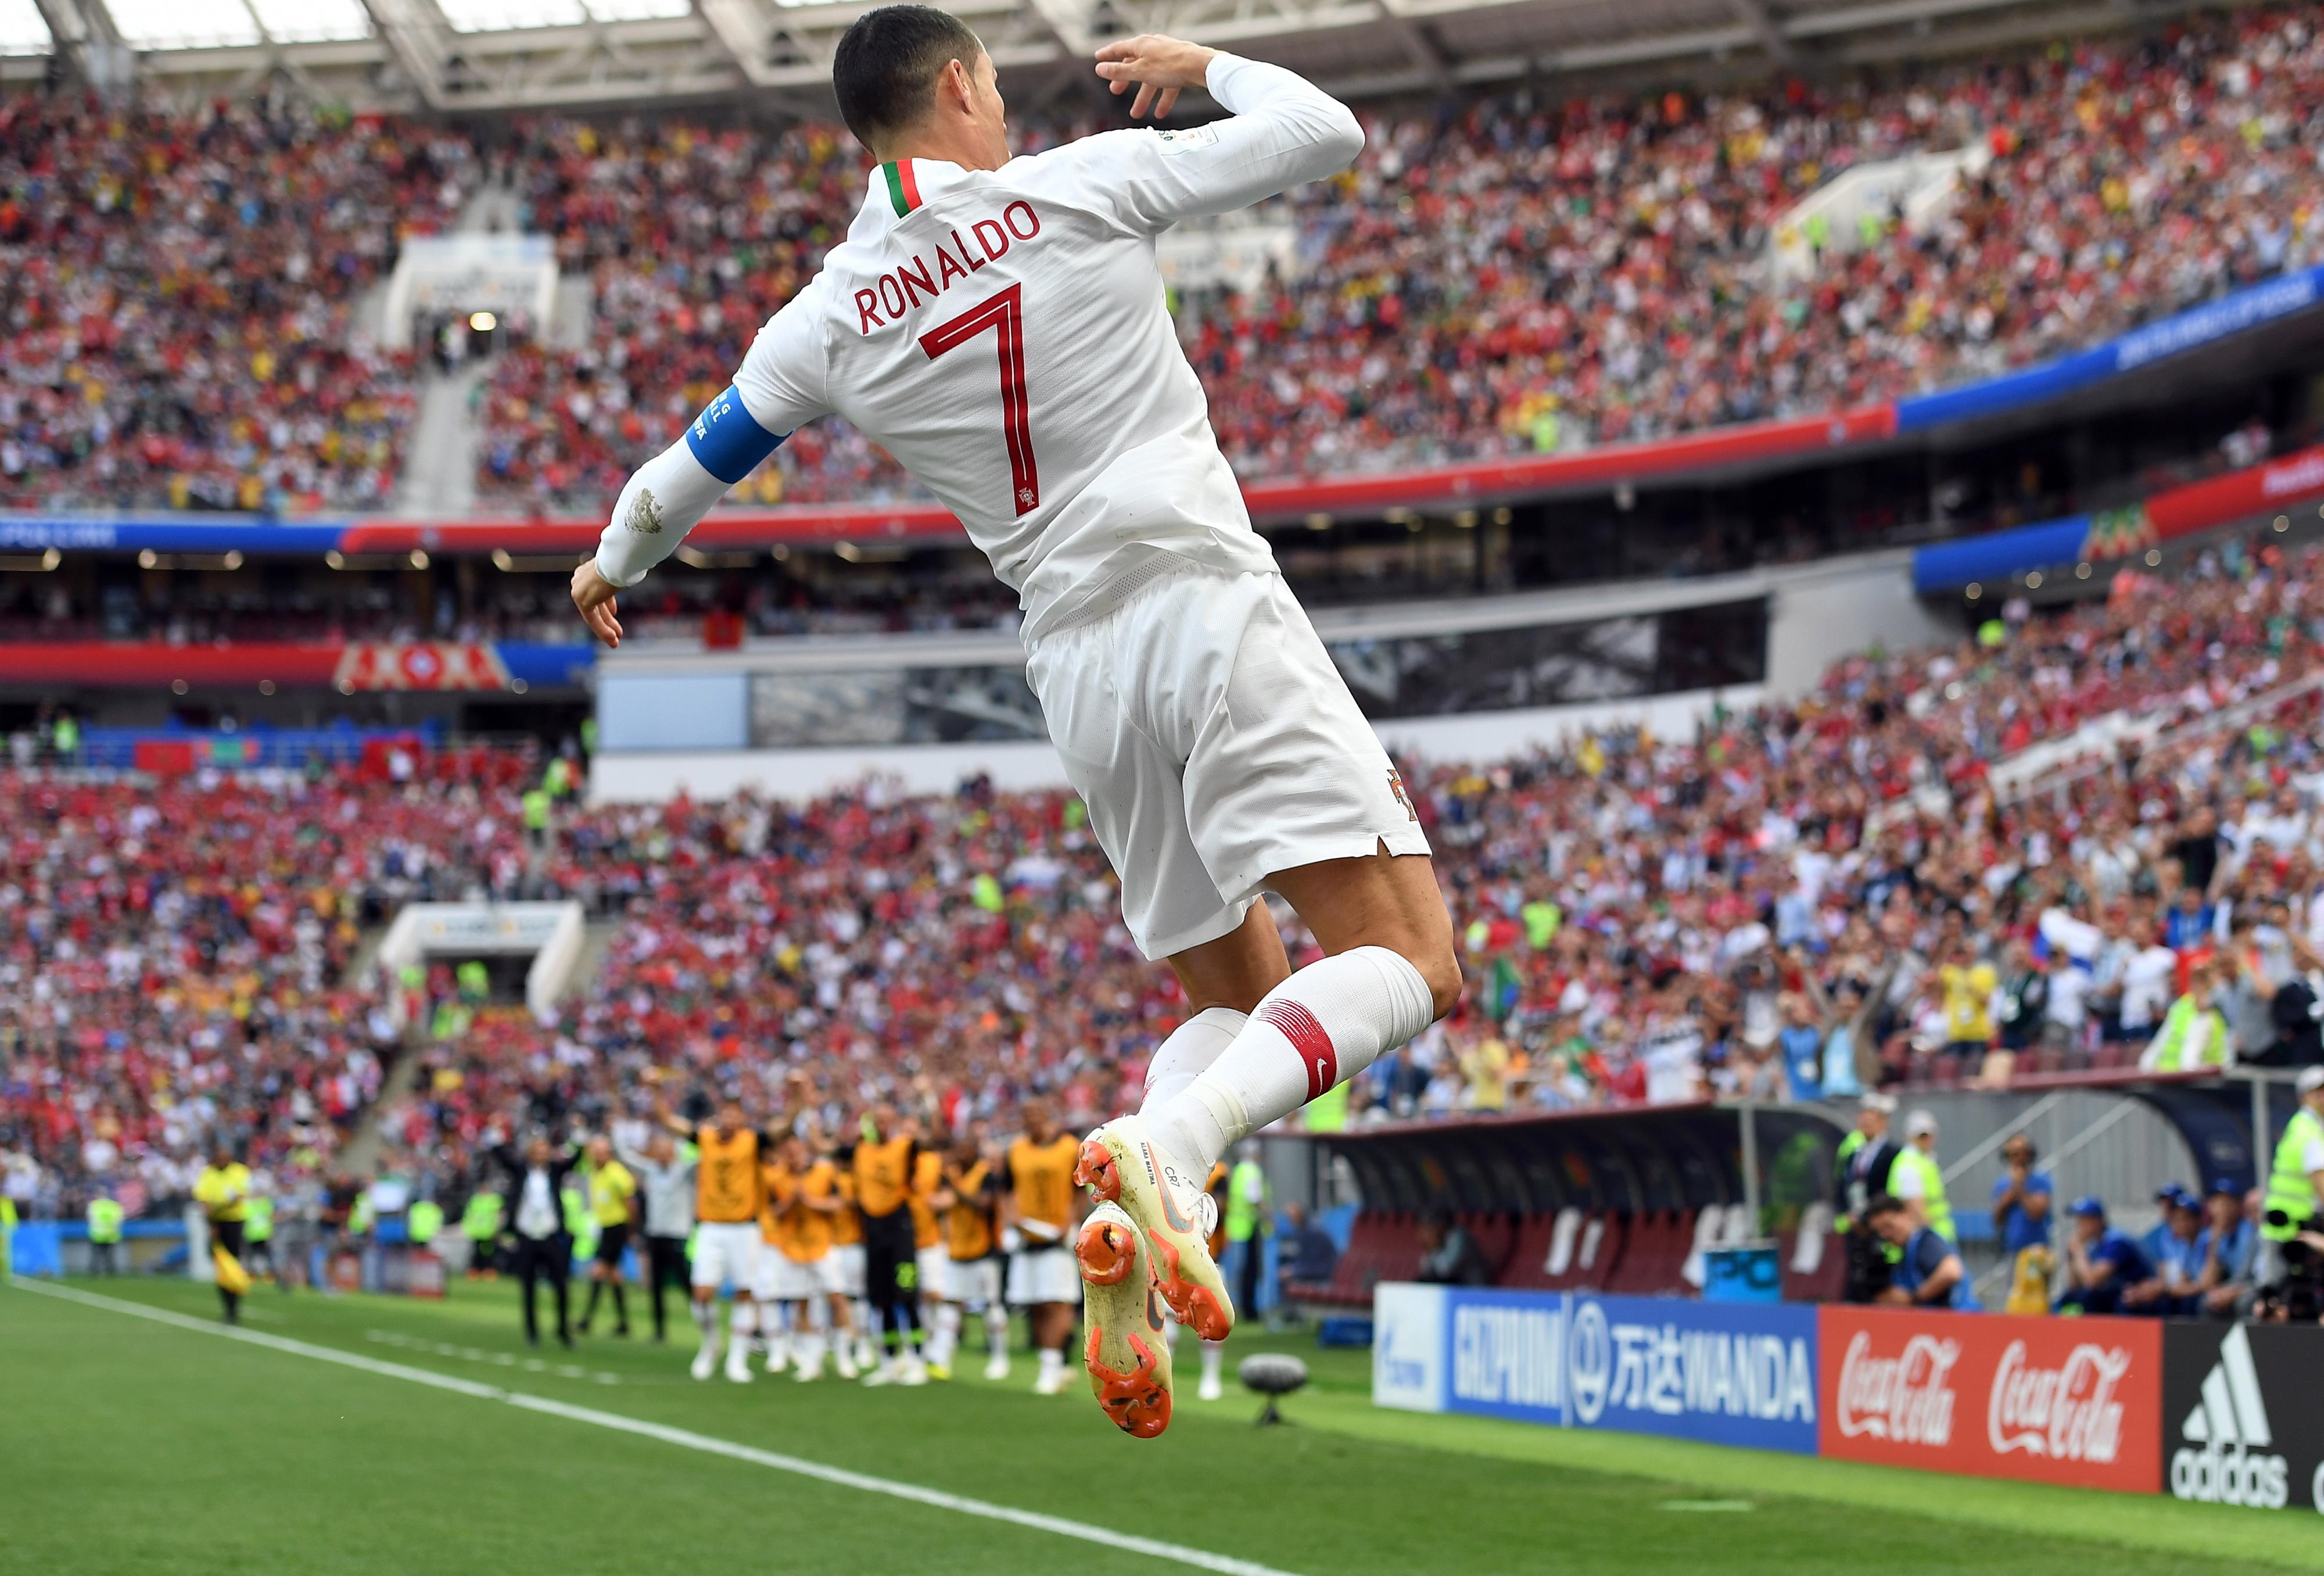 Cristiano Ronaldo volta a ser determinante na vitória de Portugal contra Marrocos